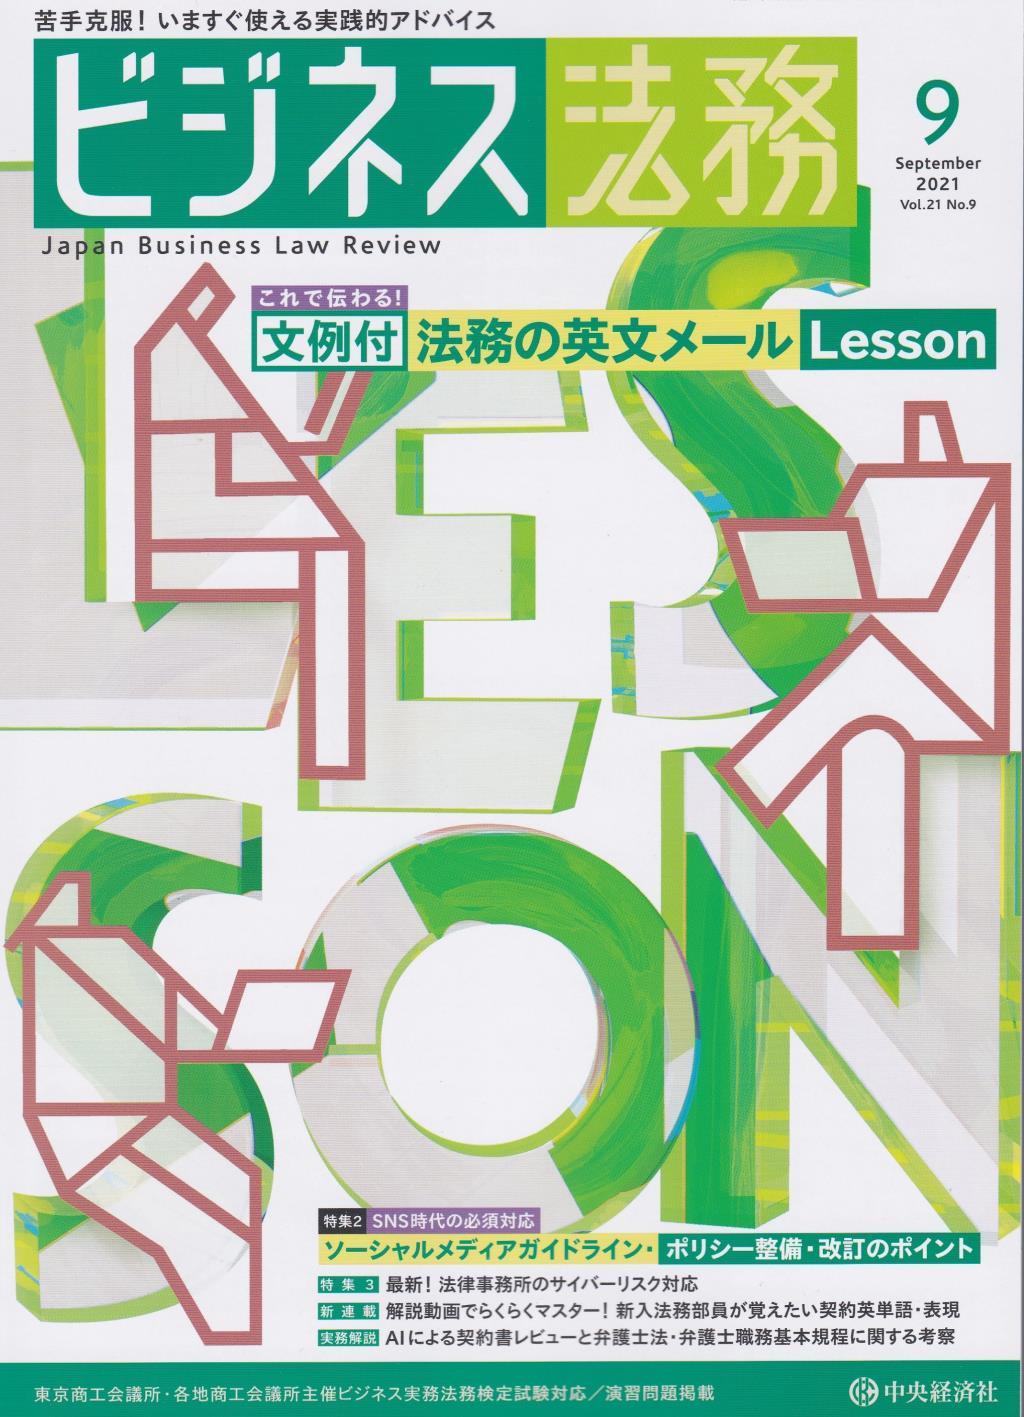 ビジネス法務 2021/9 Vol.21 No.9